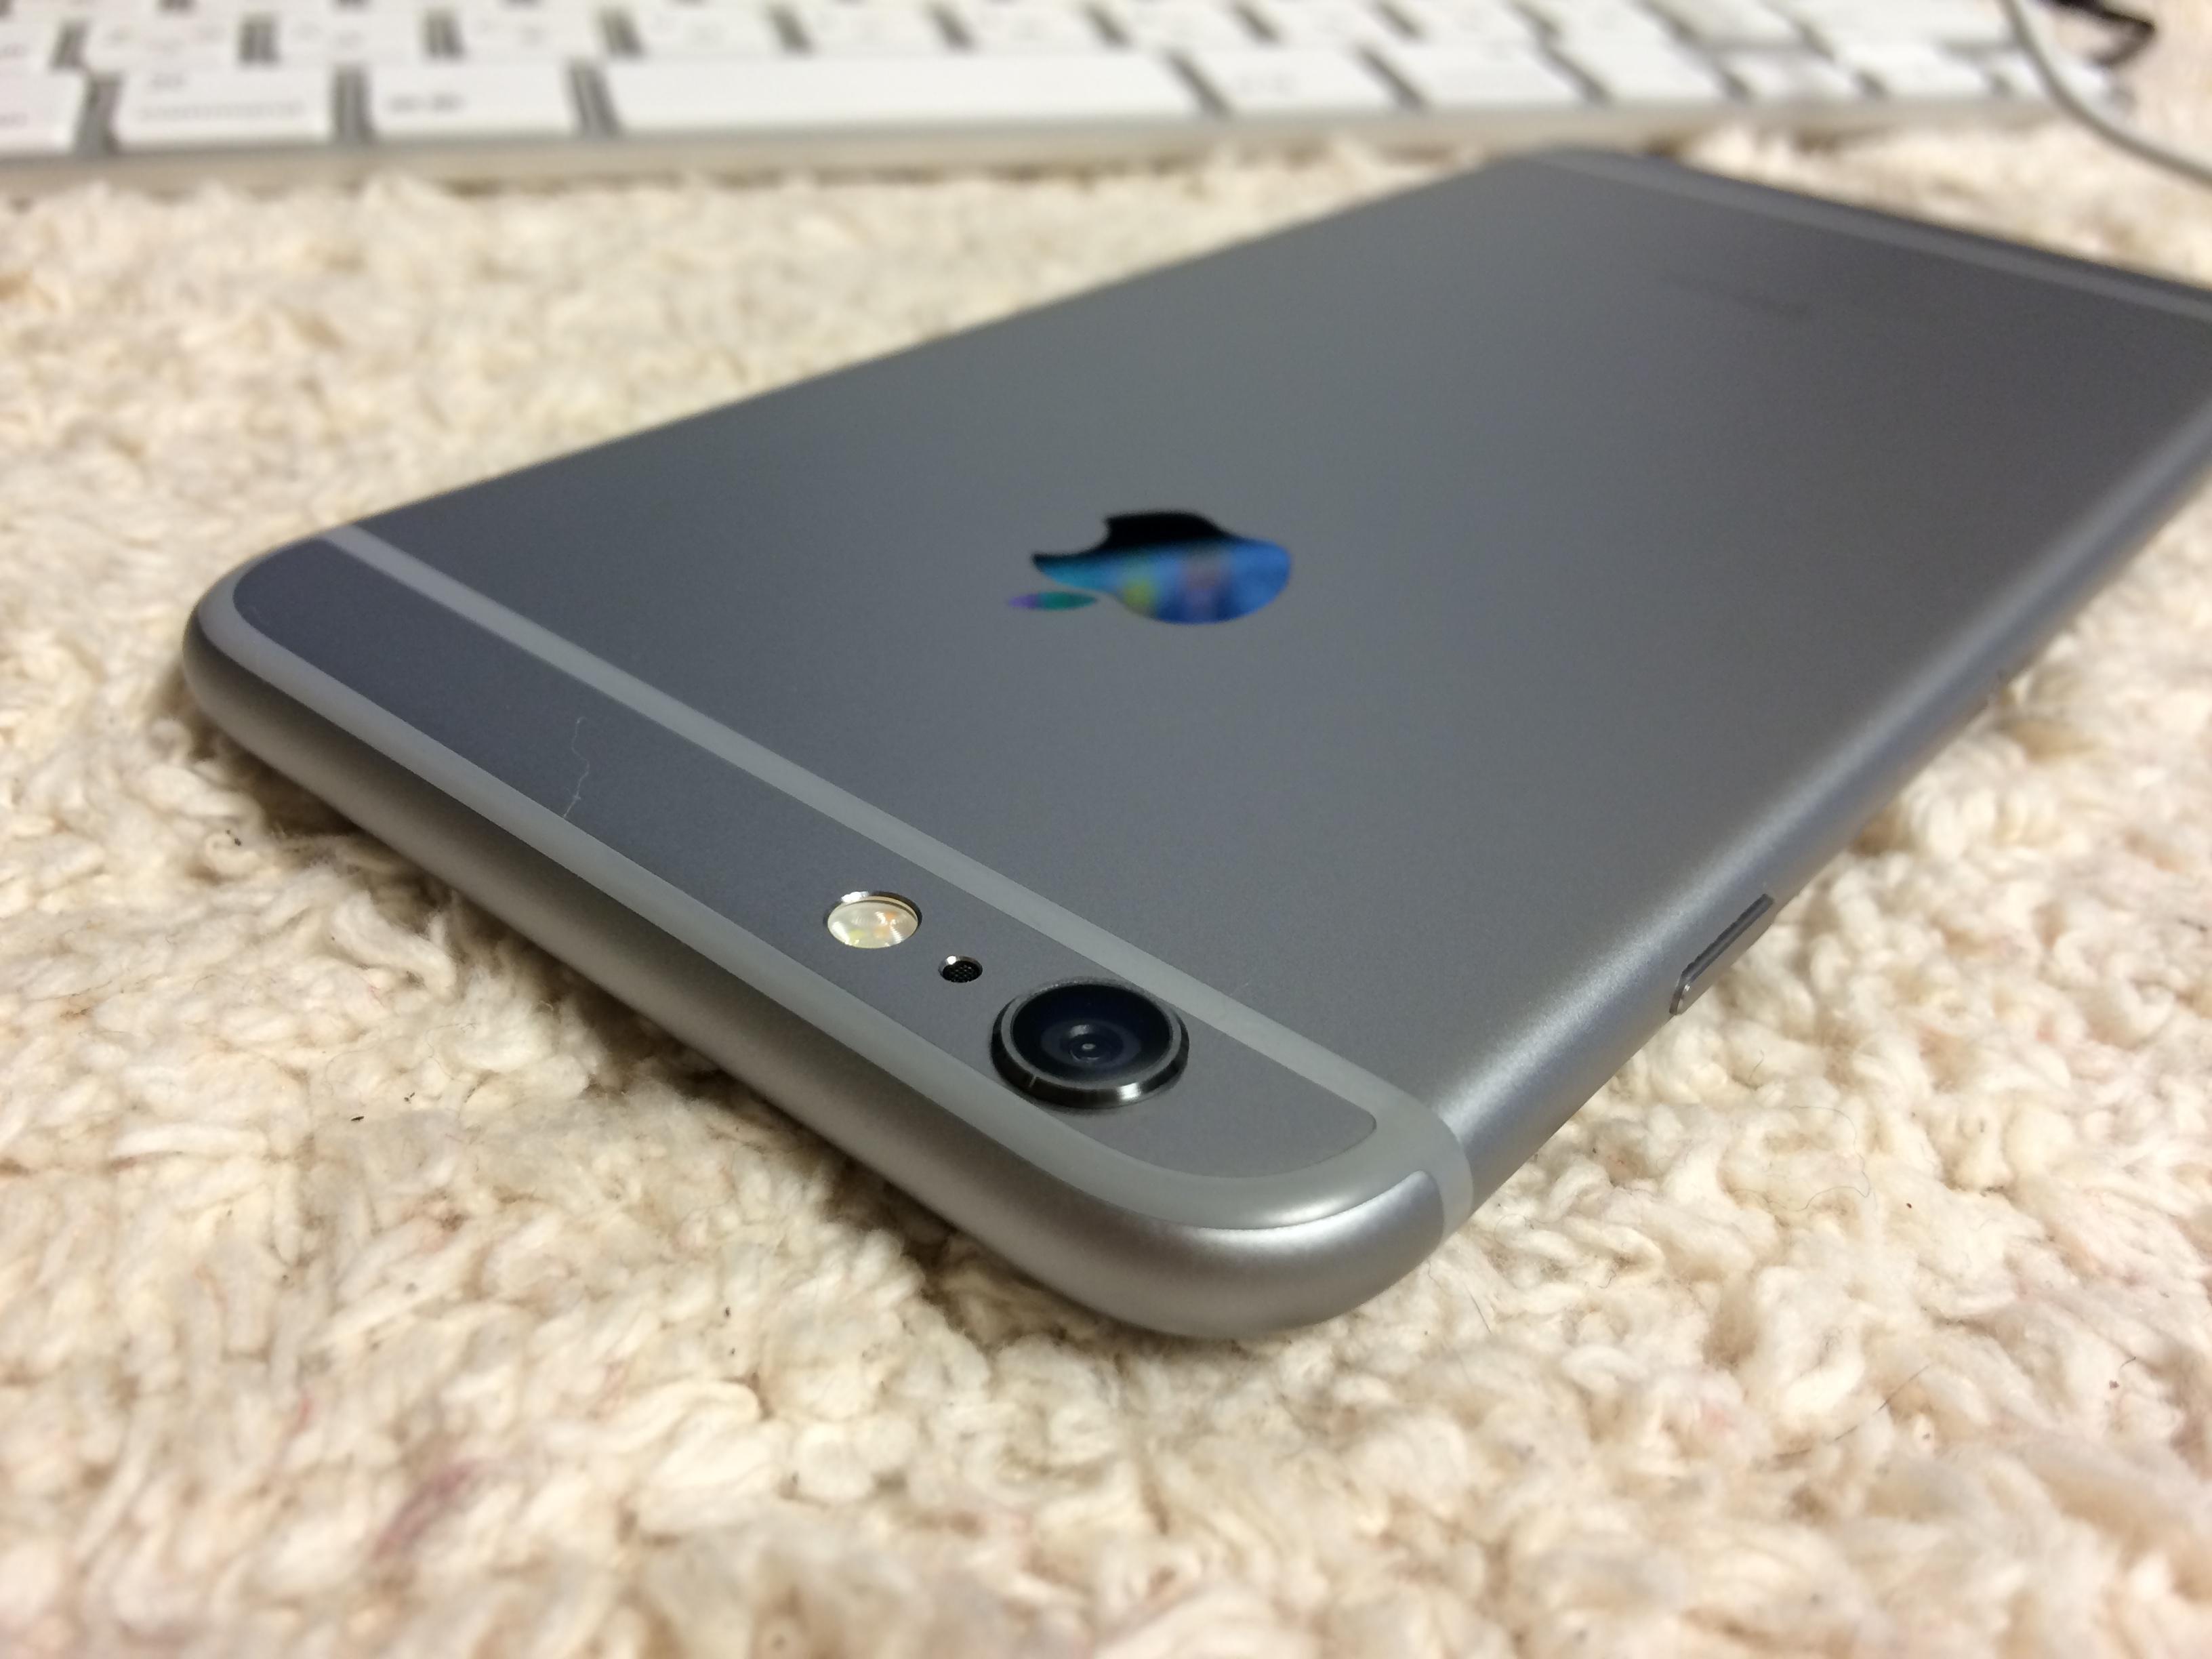 【iPhone6 Plus開封レビュー】Apple Store心斎橋でゲットしました